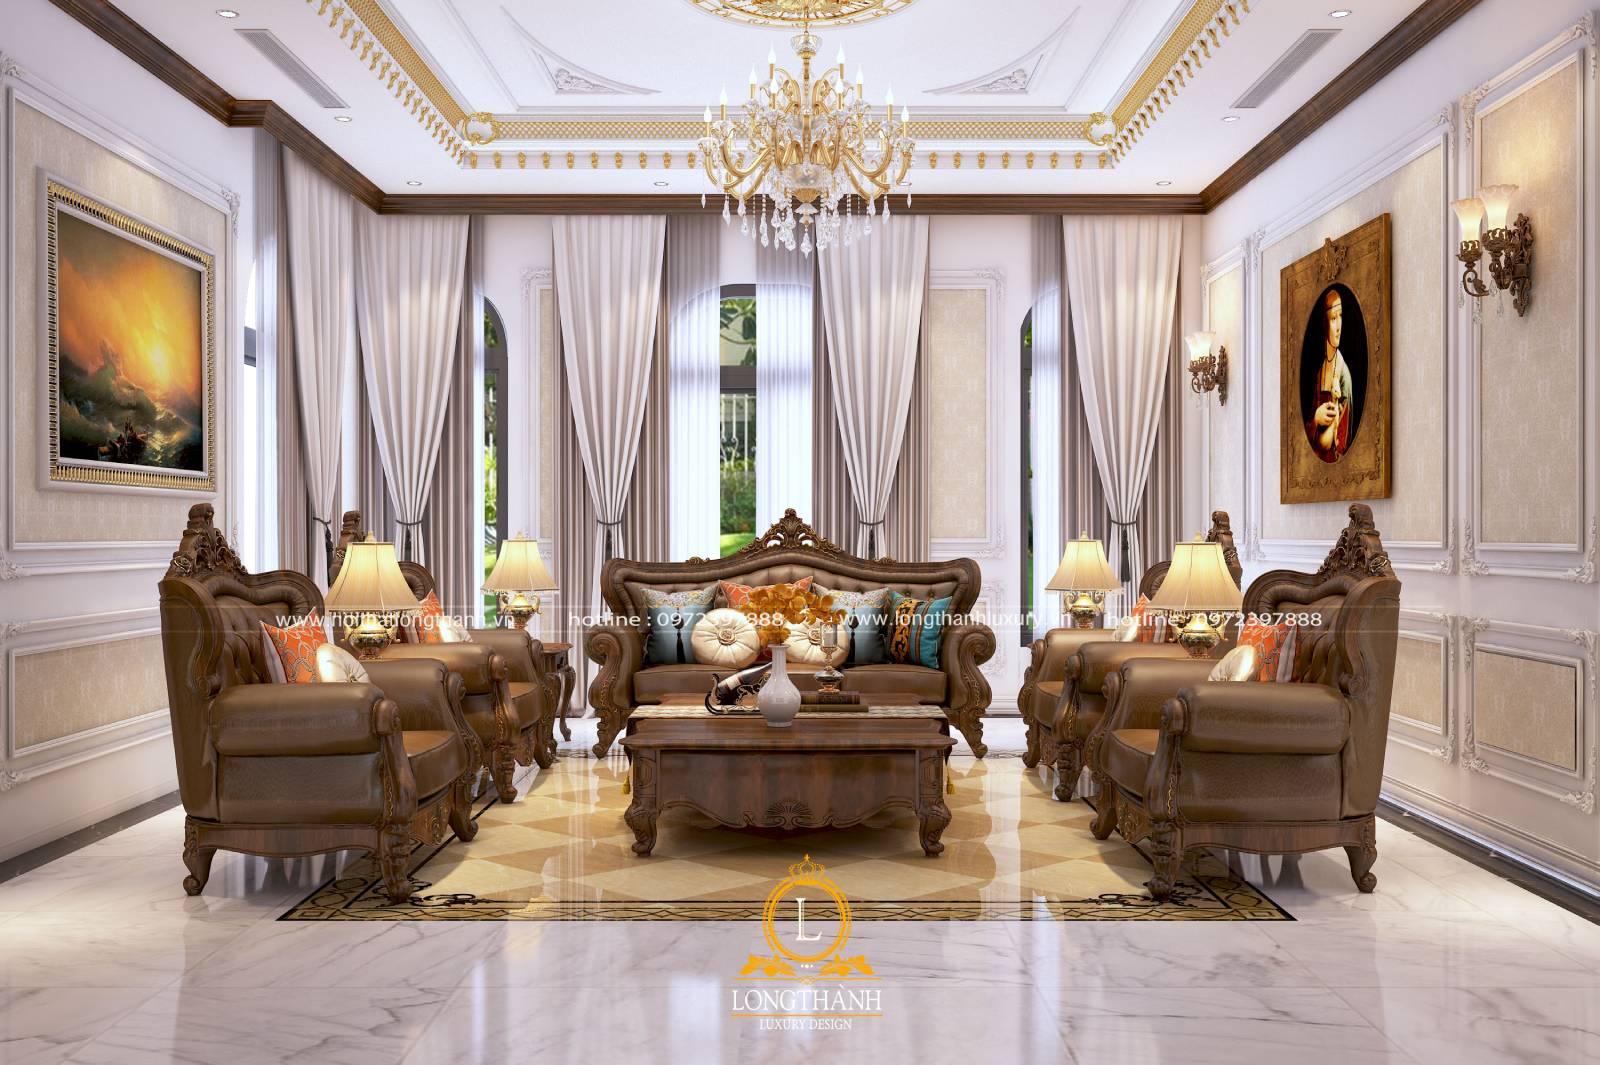 Sofa gỗ cho phòng khách có kích thước chủng loại đa dạng